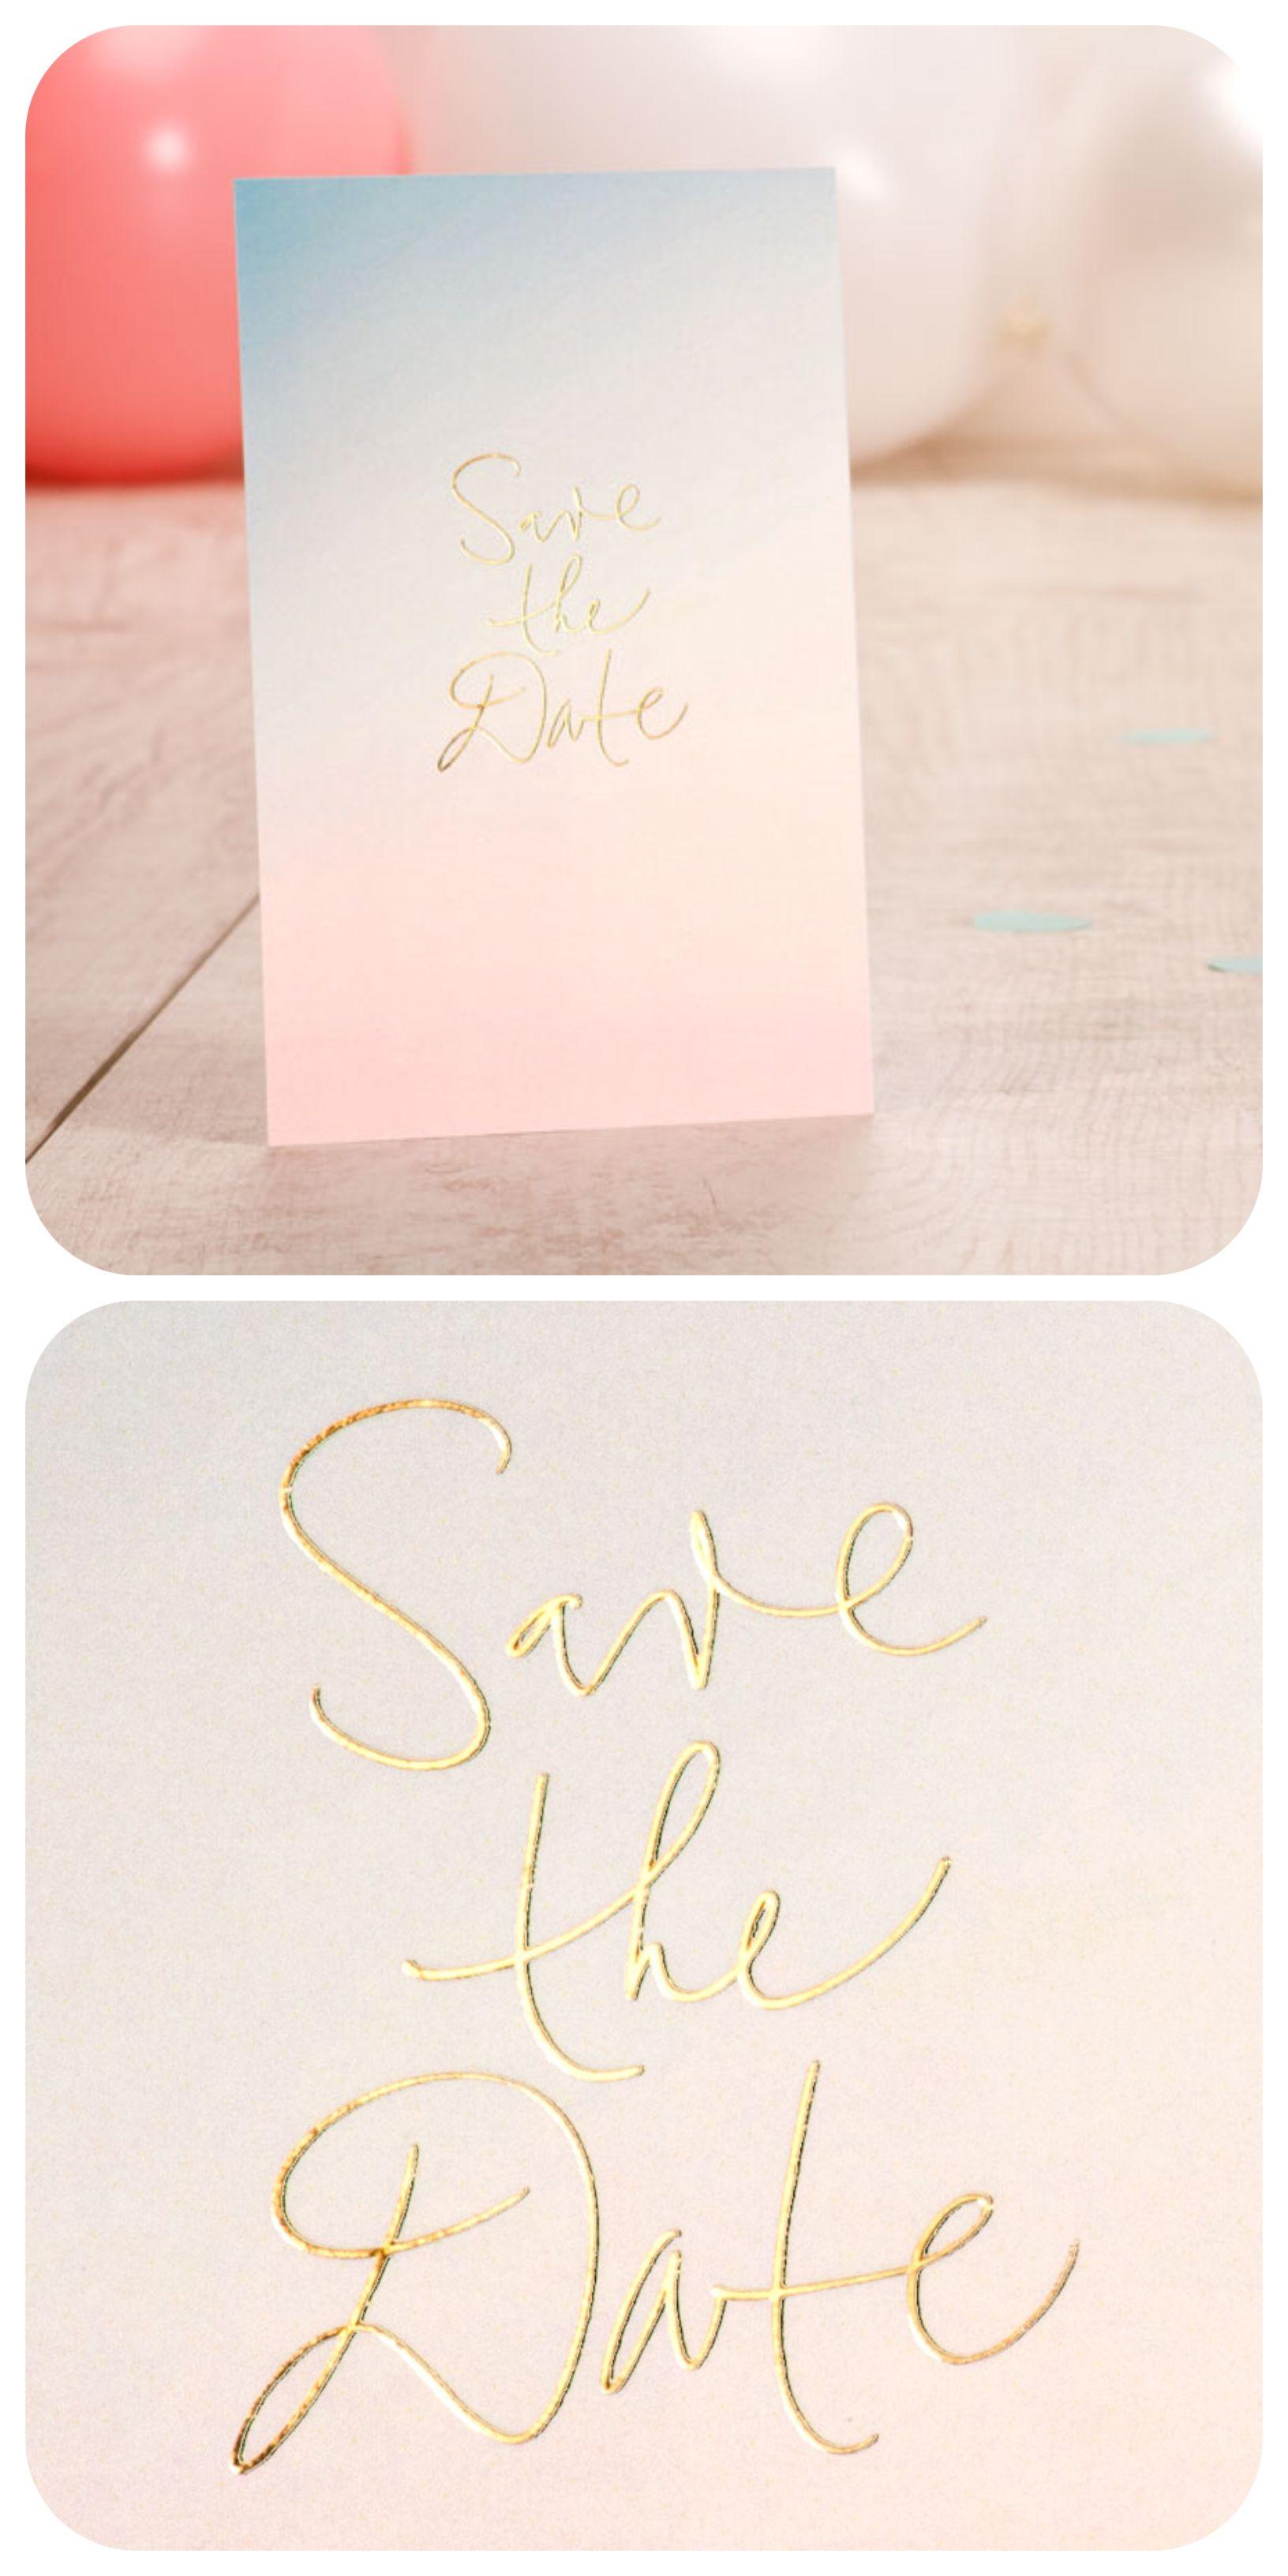 Lieben sie auch goldlettering entscheiden sie sich dann für diese stilvolle save the date einladungskarte